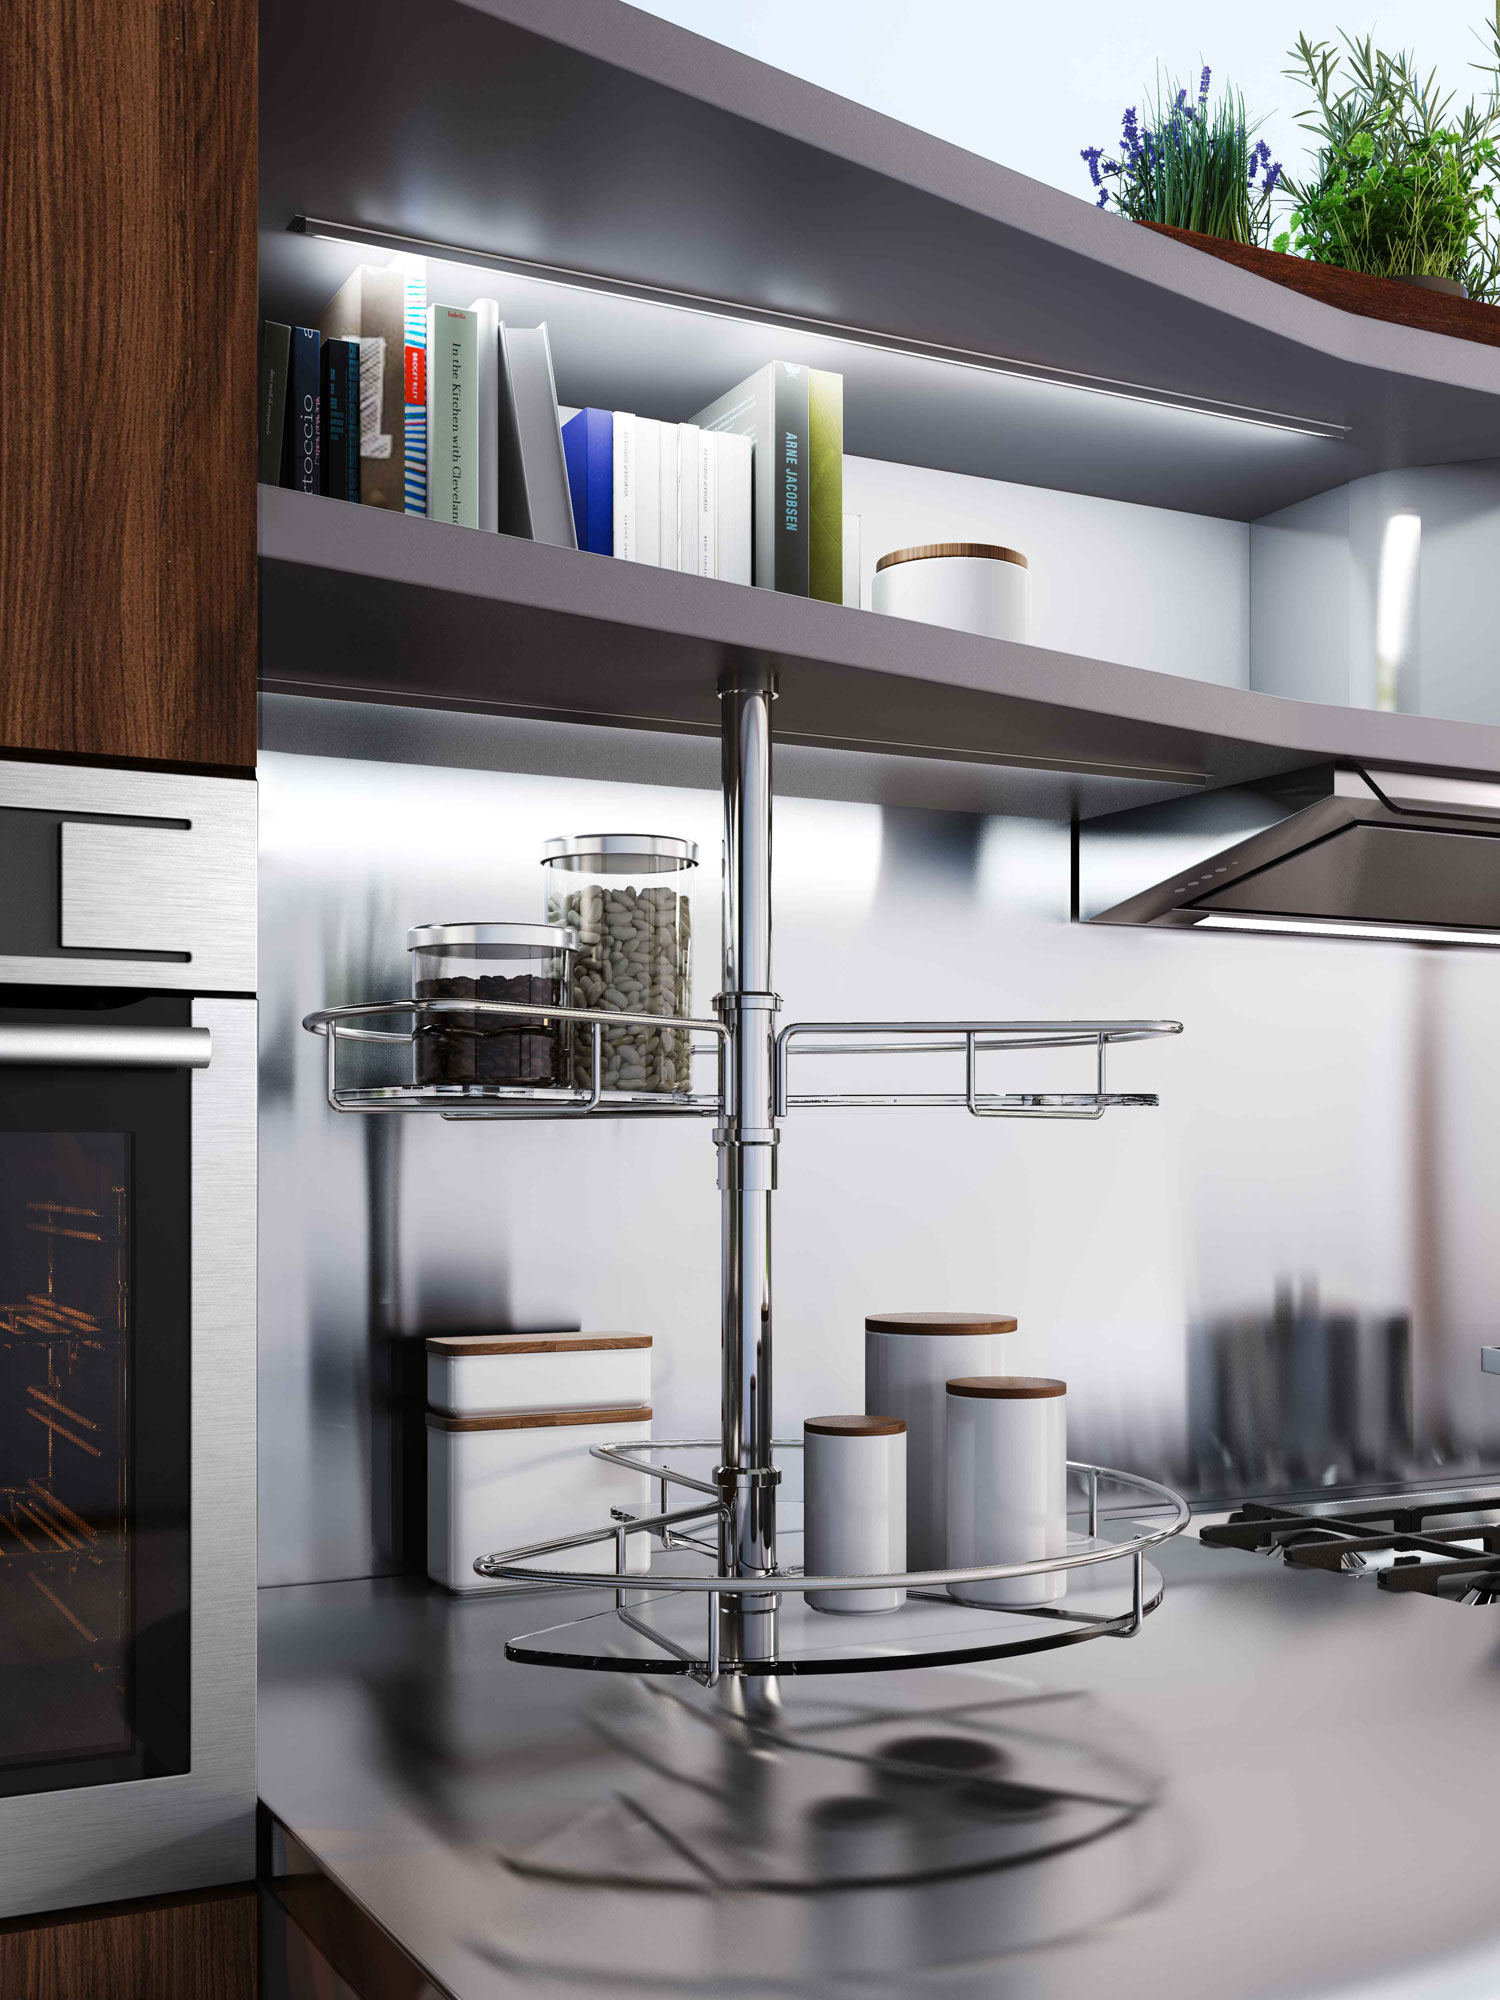 cucina-dettaglio-skyline-2-0-elegance-3